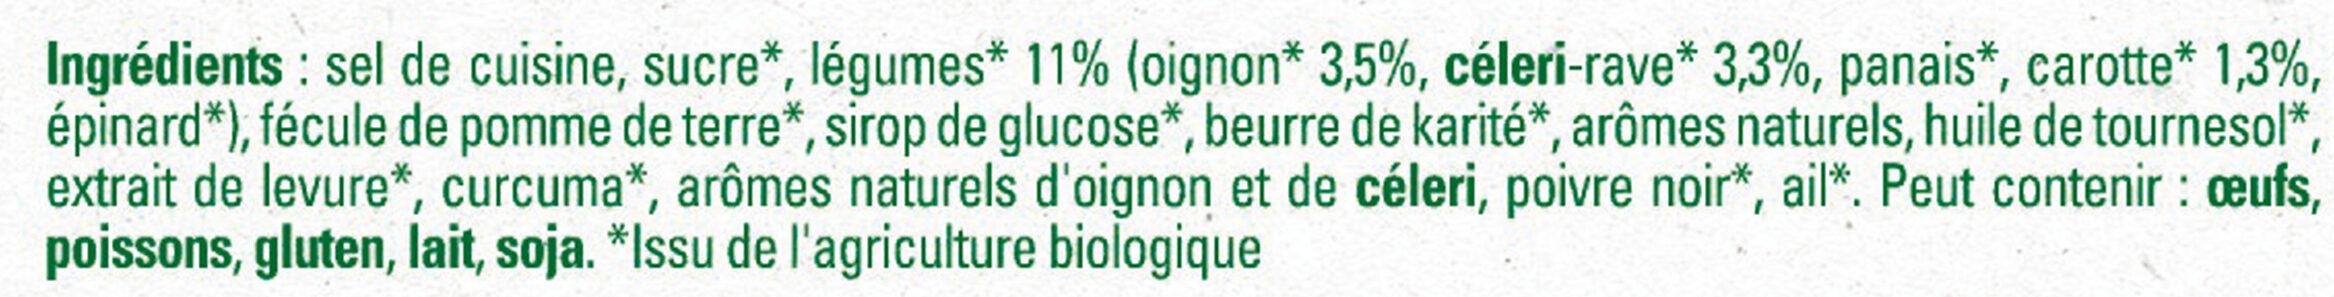 Bouillon Kub Bio Légumes - Ingrediënten - fr